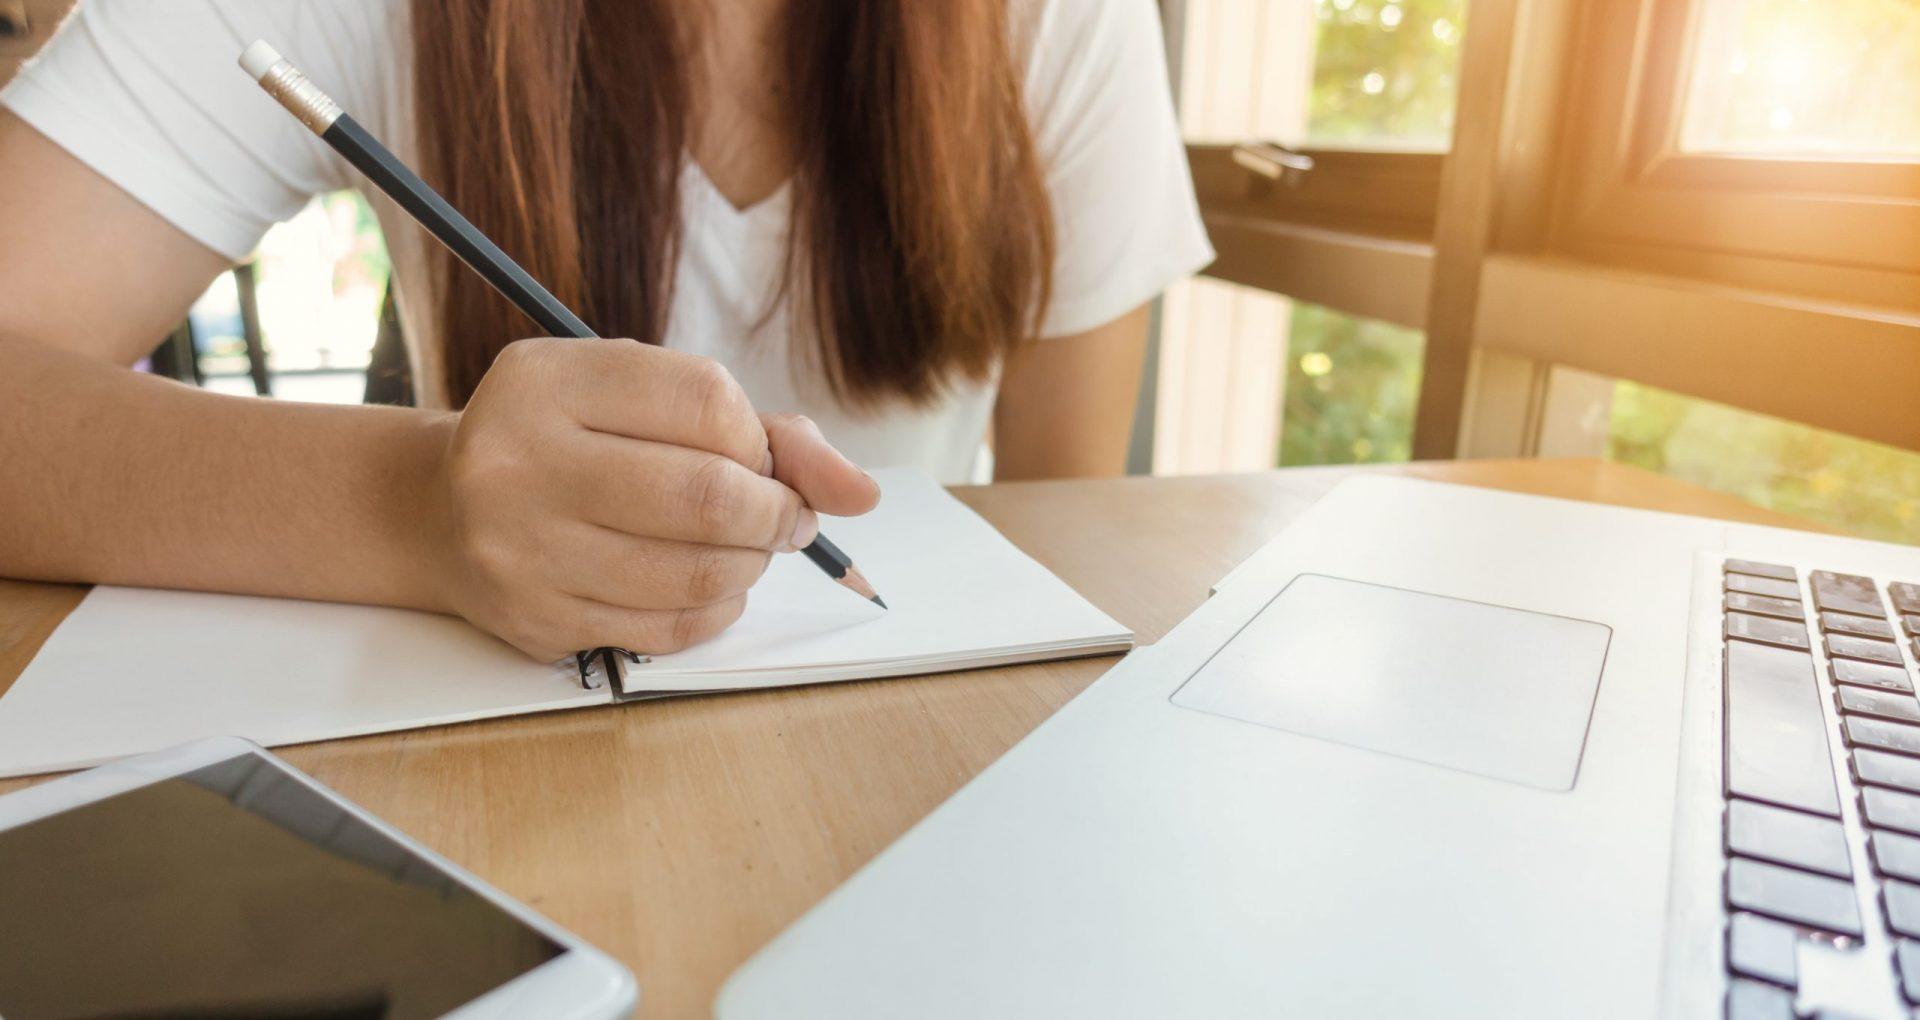 DOC/ Angajatorii vor acorda indemnizații și zile libere pentru unul dintre părinți dacă procesul educațional se va desfășura online